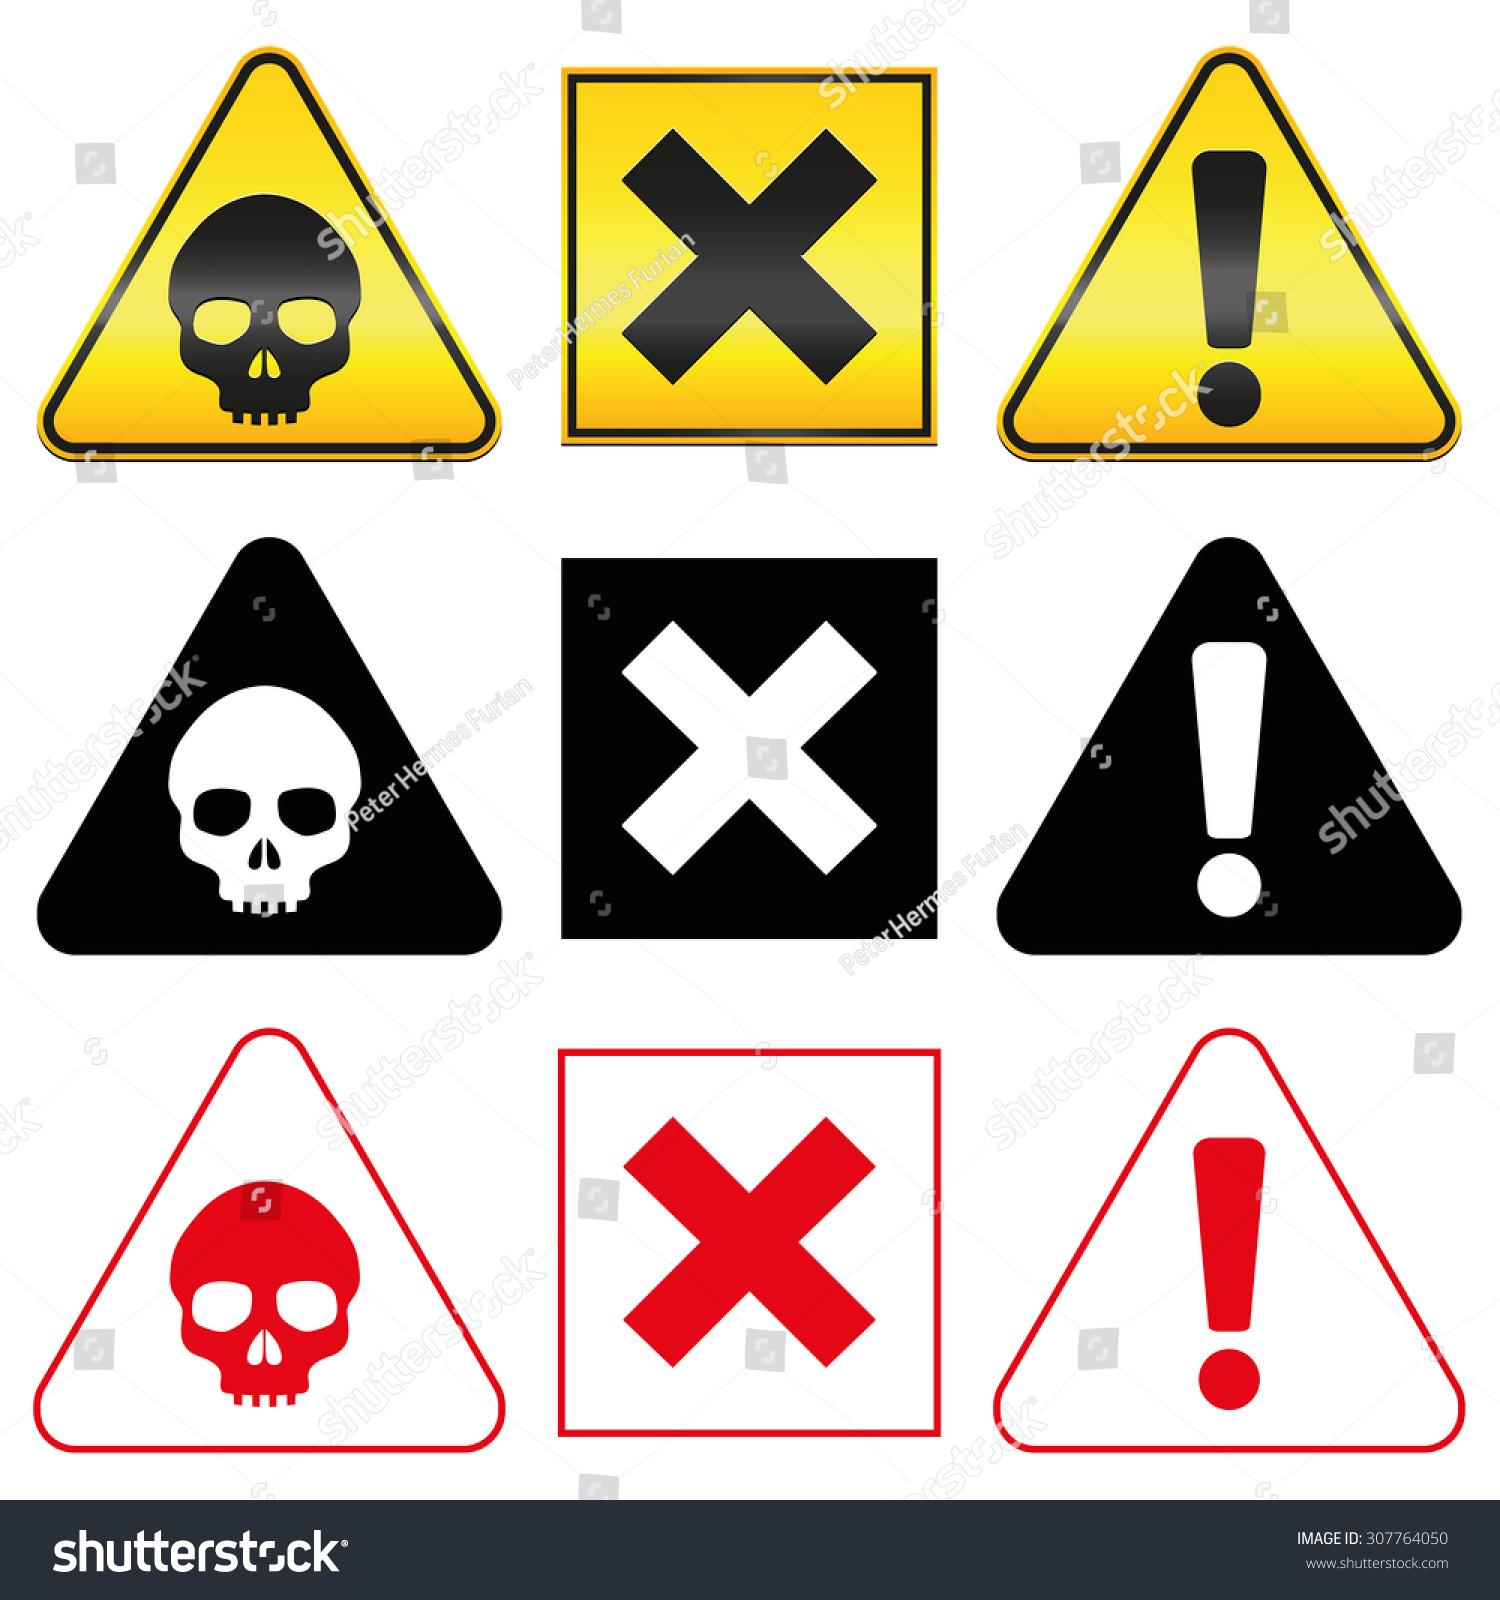 Red Hazard Symbol